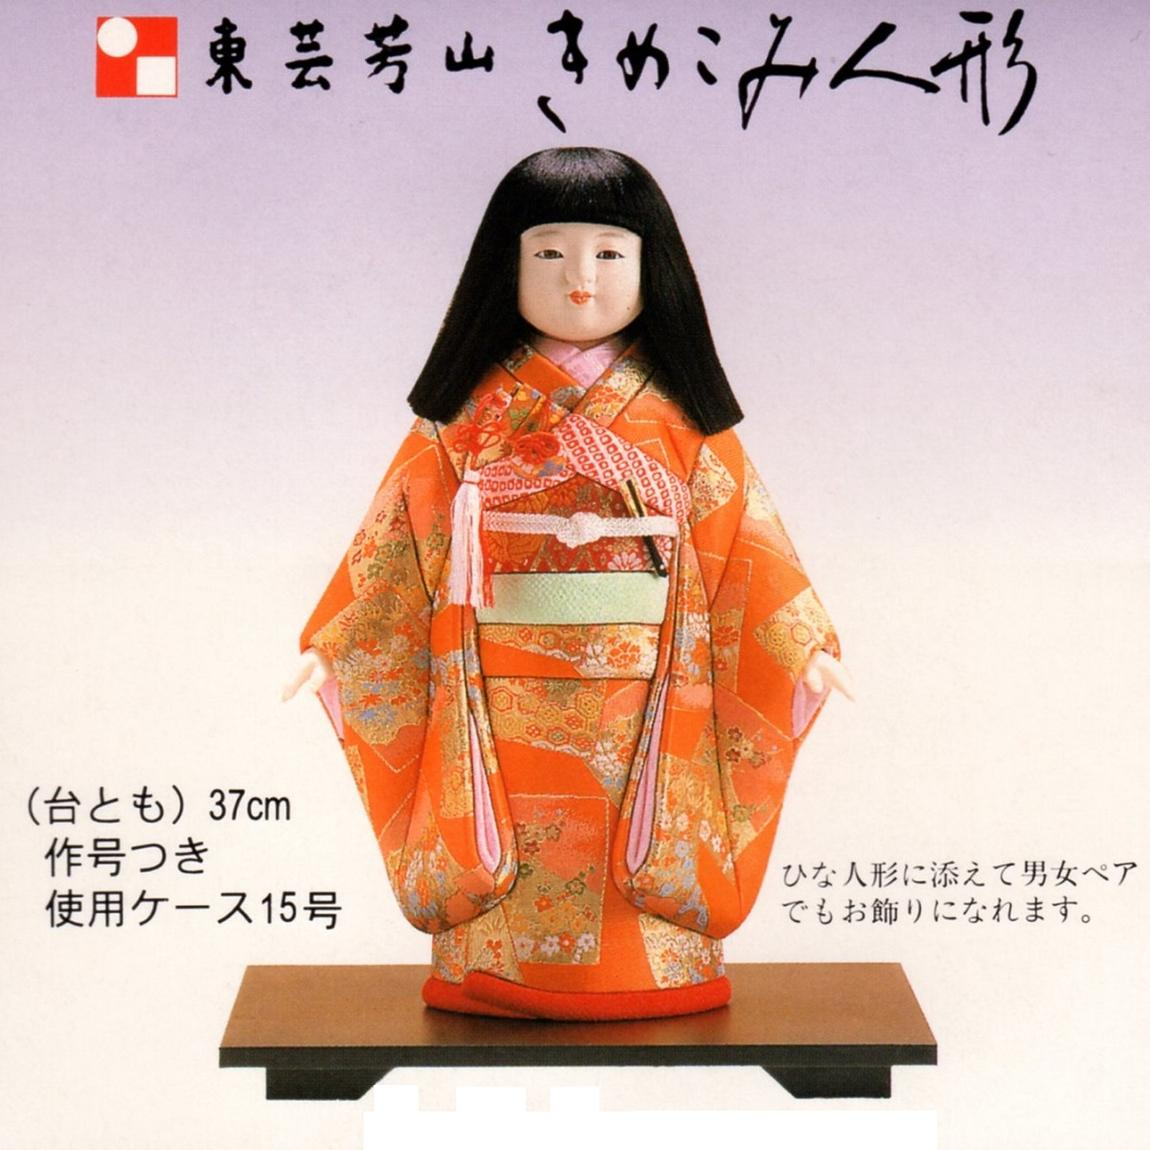 東芸 木目込人形キット「寿市松人形・女」 K293-15